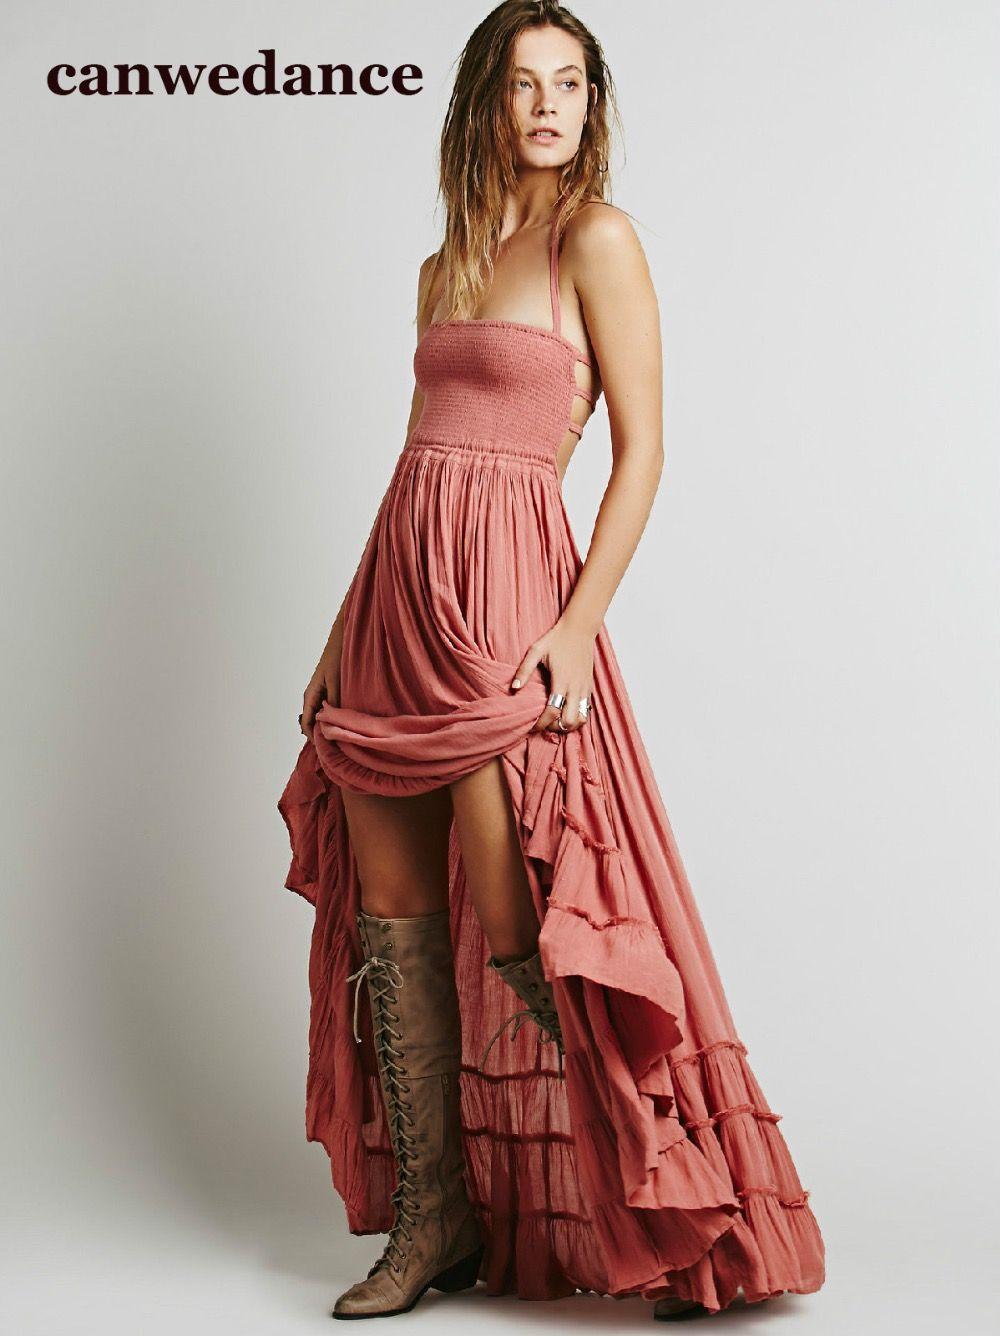 2018 plage robe sexy robes boho bohème personnes vacances été long dos nu coton femmes fête hippie chic vestidos mujer